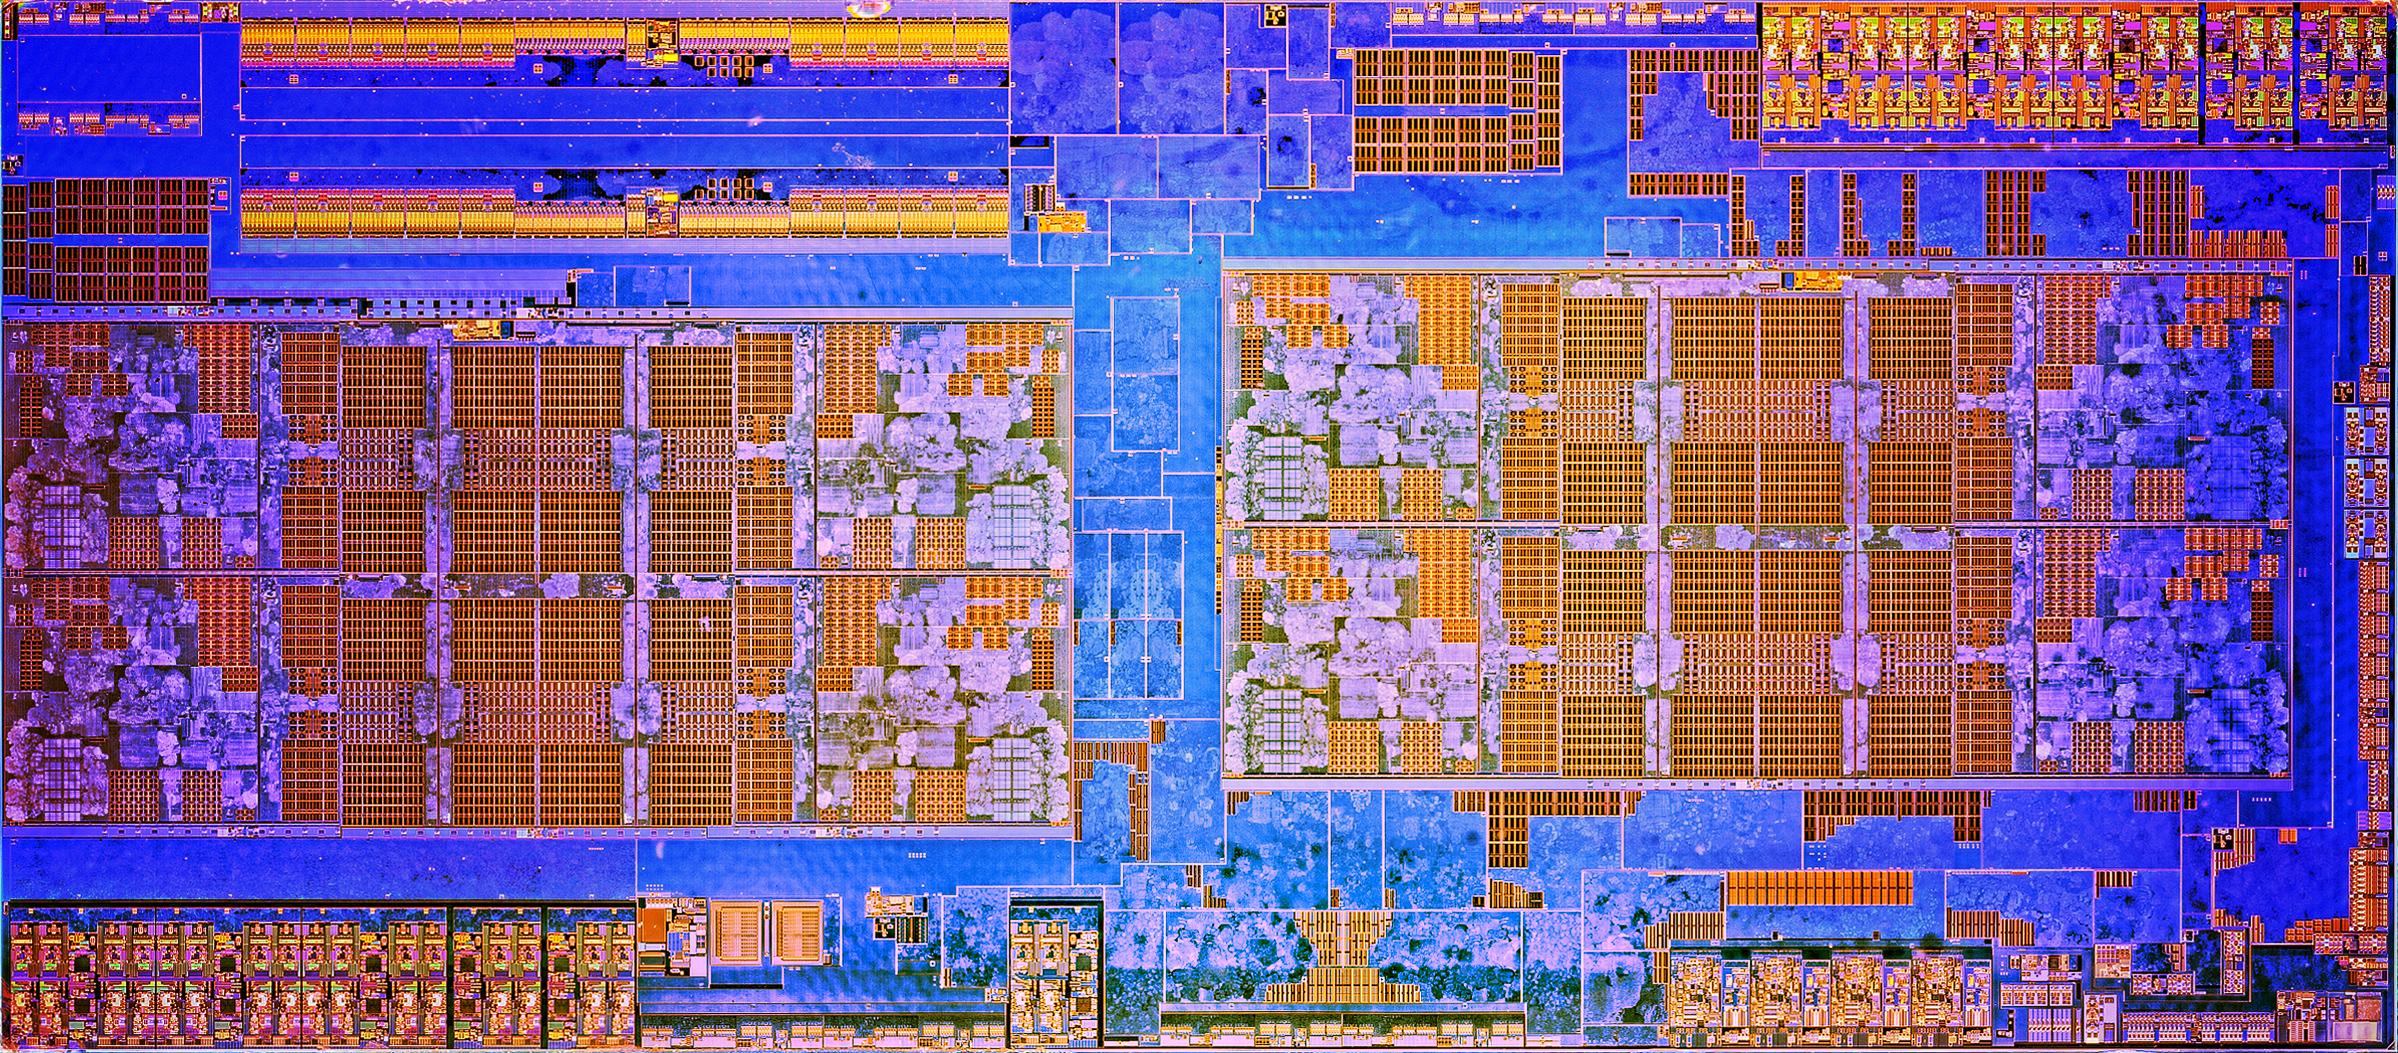 AMD's 2018 roadmap: Desktop APUs in February, second